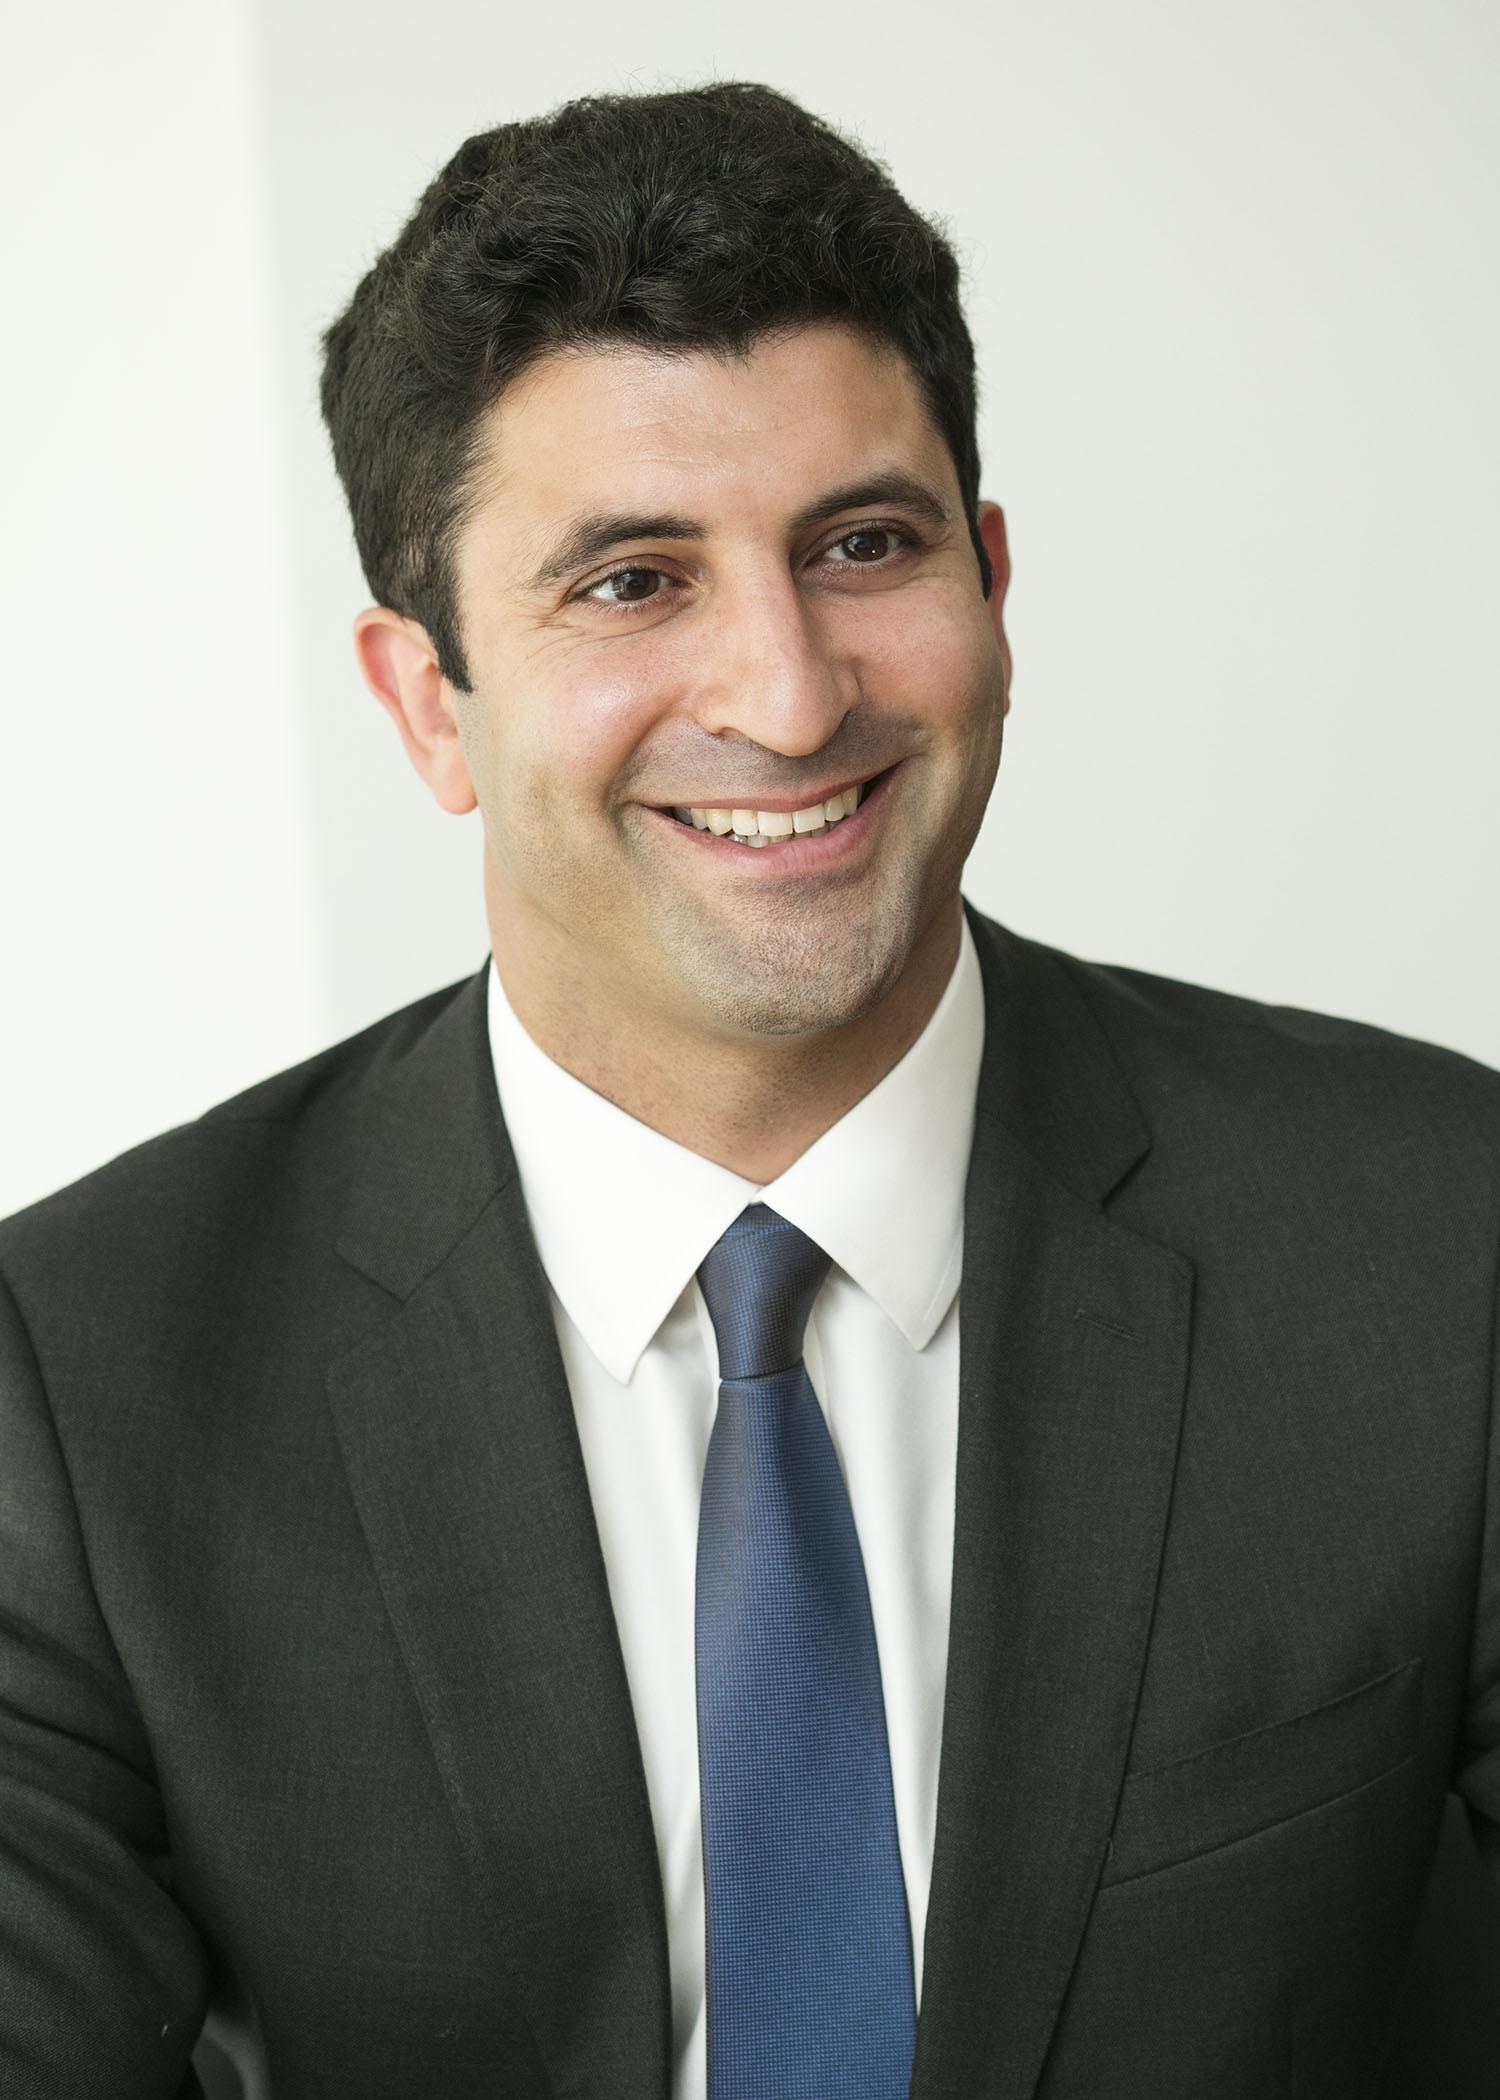 Ahmad Namazie